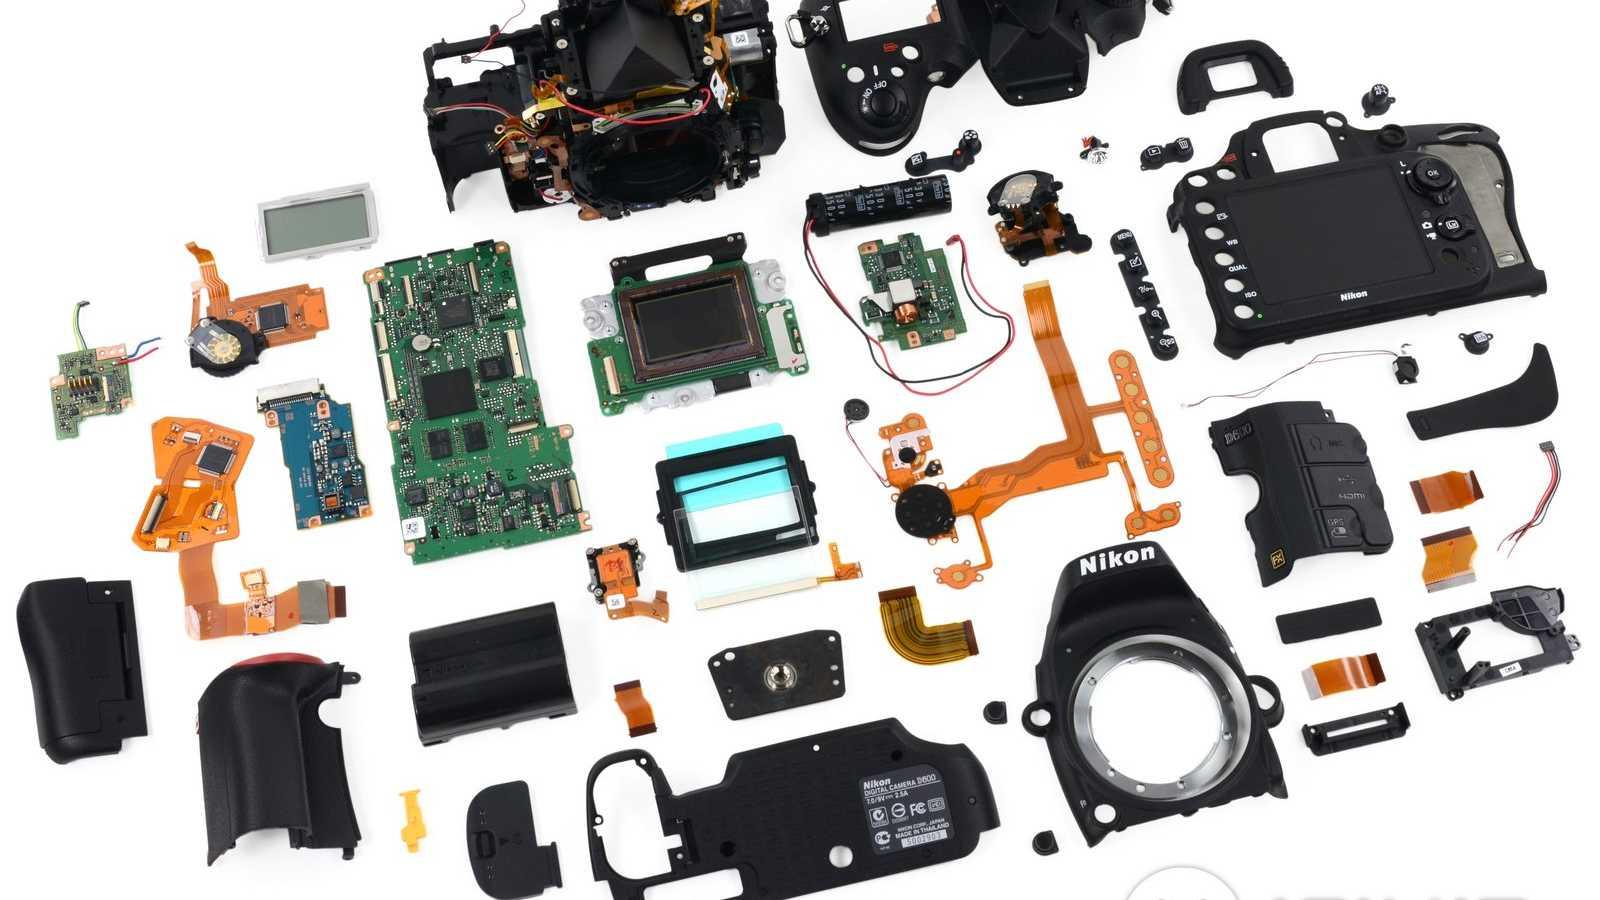 The parts of a Nikon D600